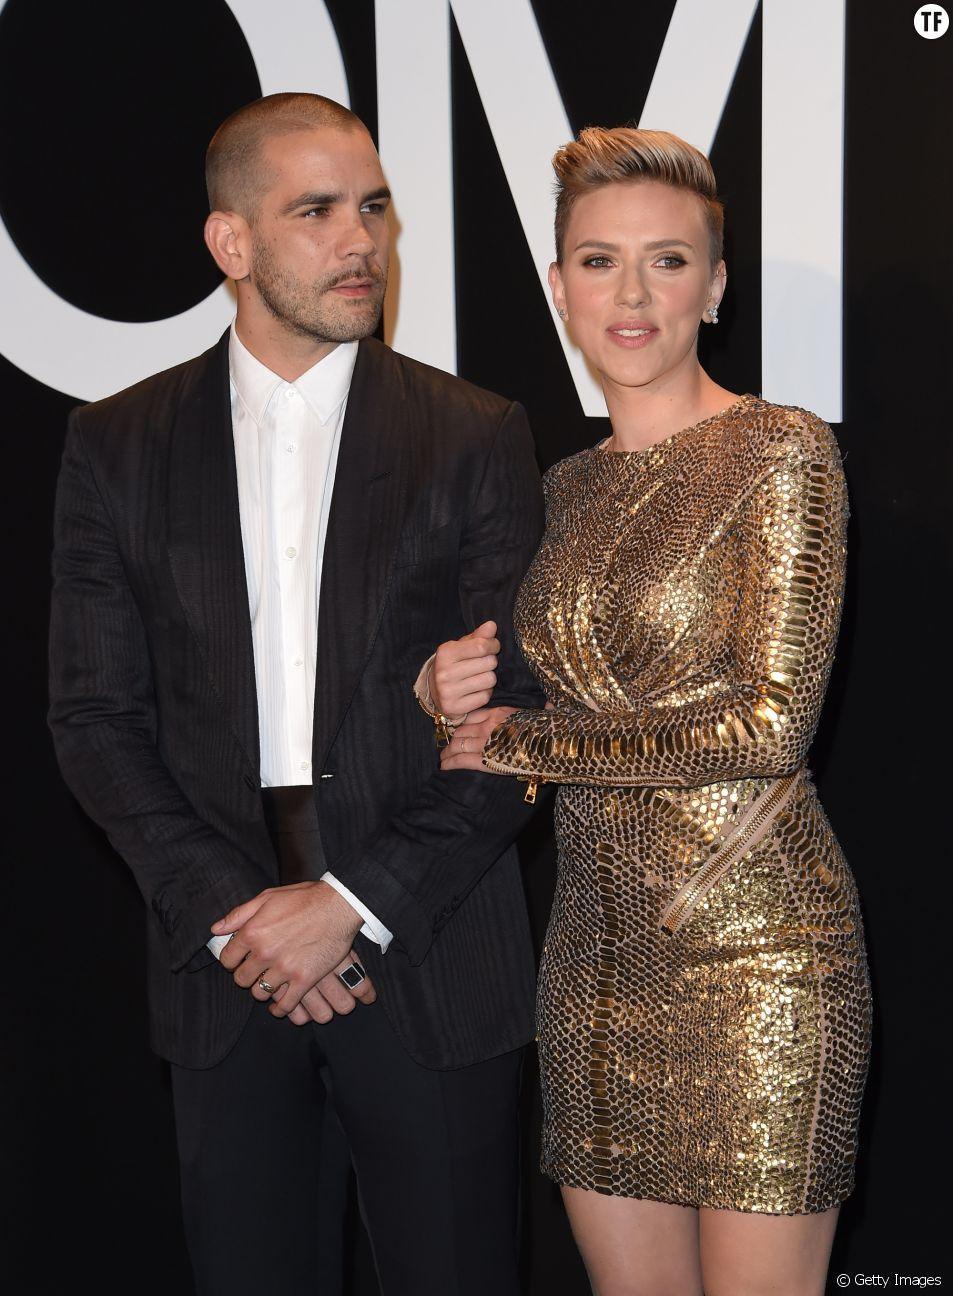 Scarlett Johansson partage la vie du publicitaire et journaliste français Romain Dauriac depuis 2012. Ils sont parents d'une petite Rose, née en 2014.